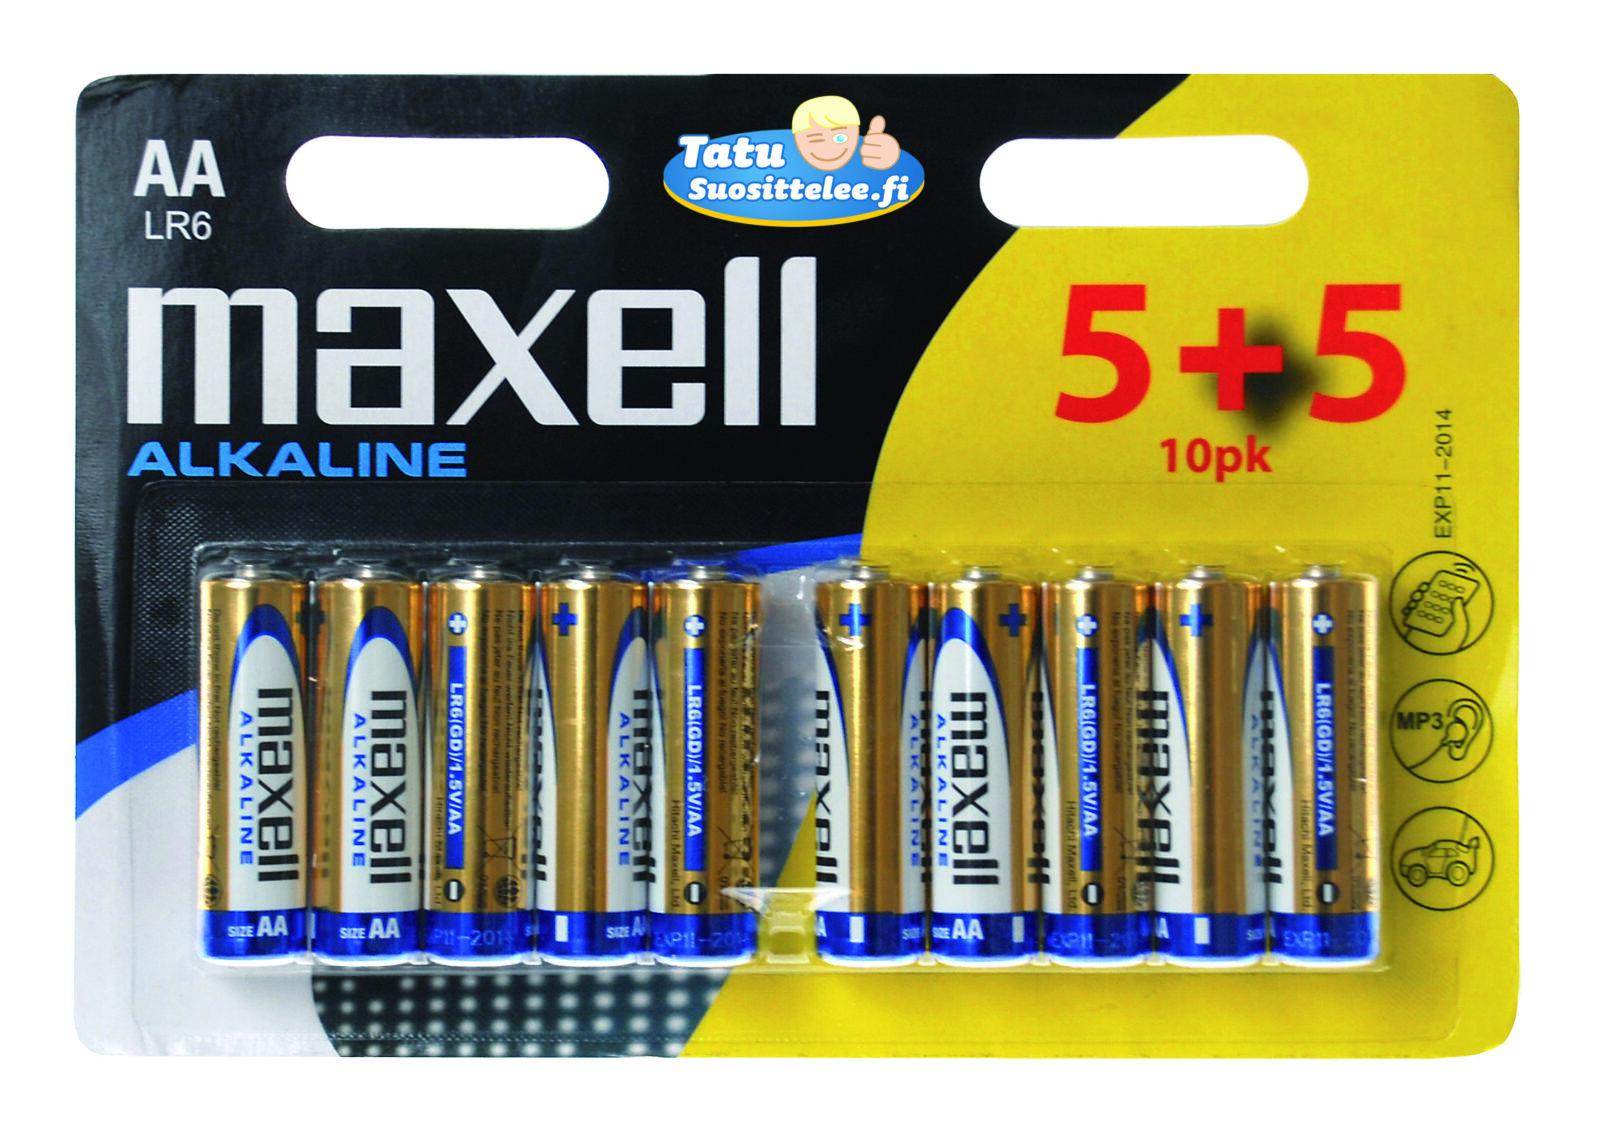 Maxell AA-paristo LR6 10-pack (5+5)